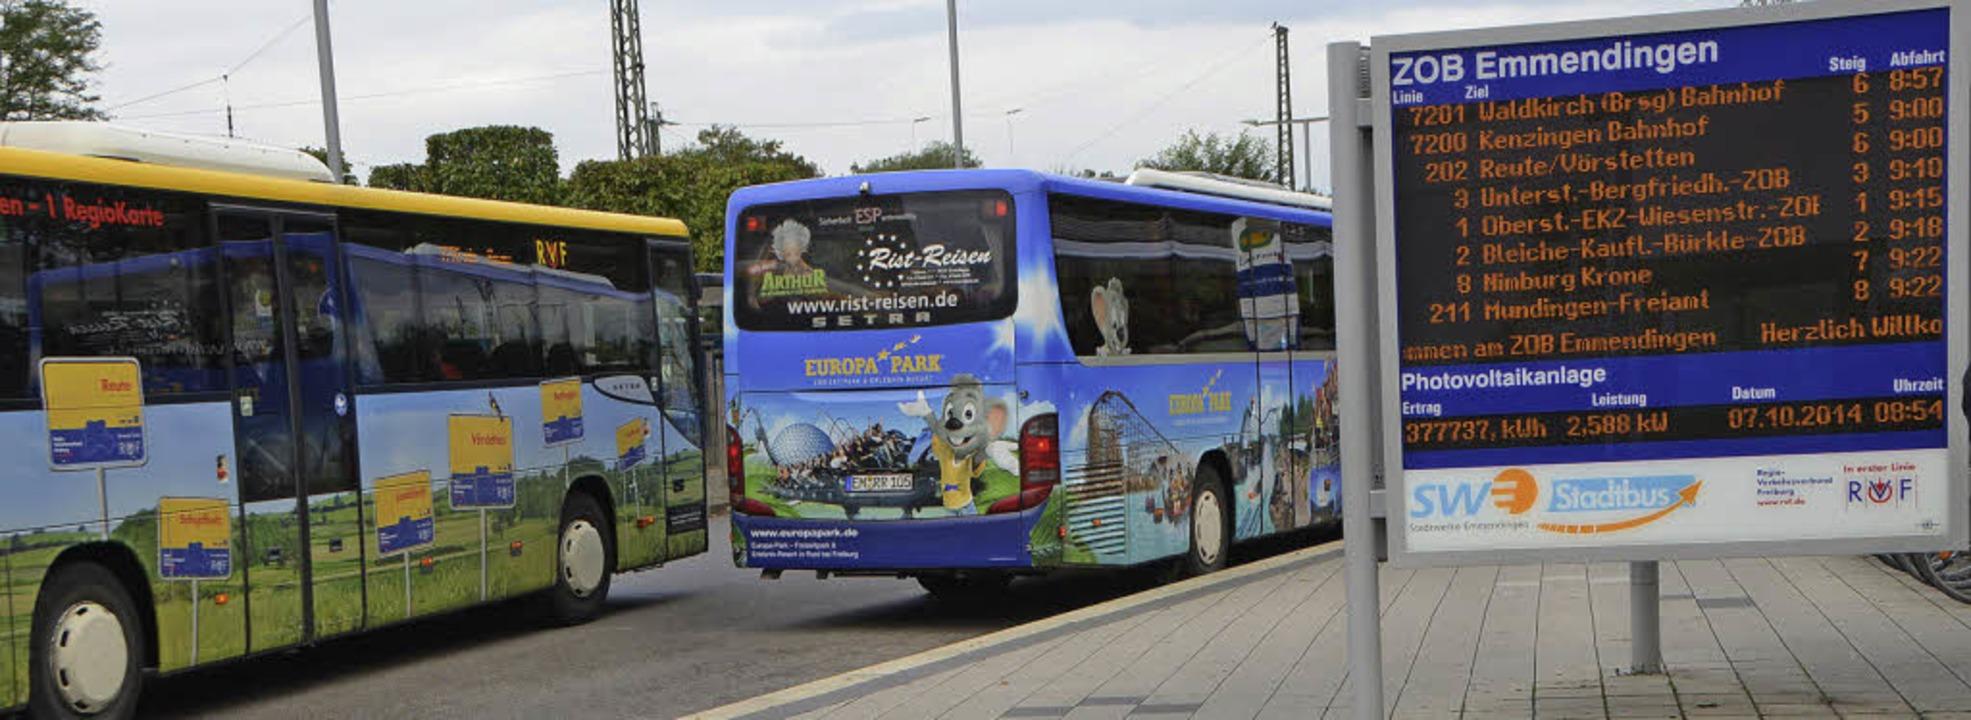 Und wo bleibt das Bürkle-Bleiche? Regionalbusse lassen es links liegen.   | Foto: Gerhard Wallser